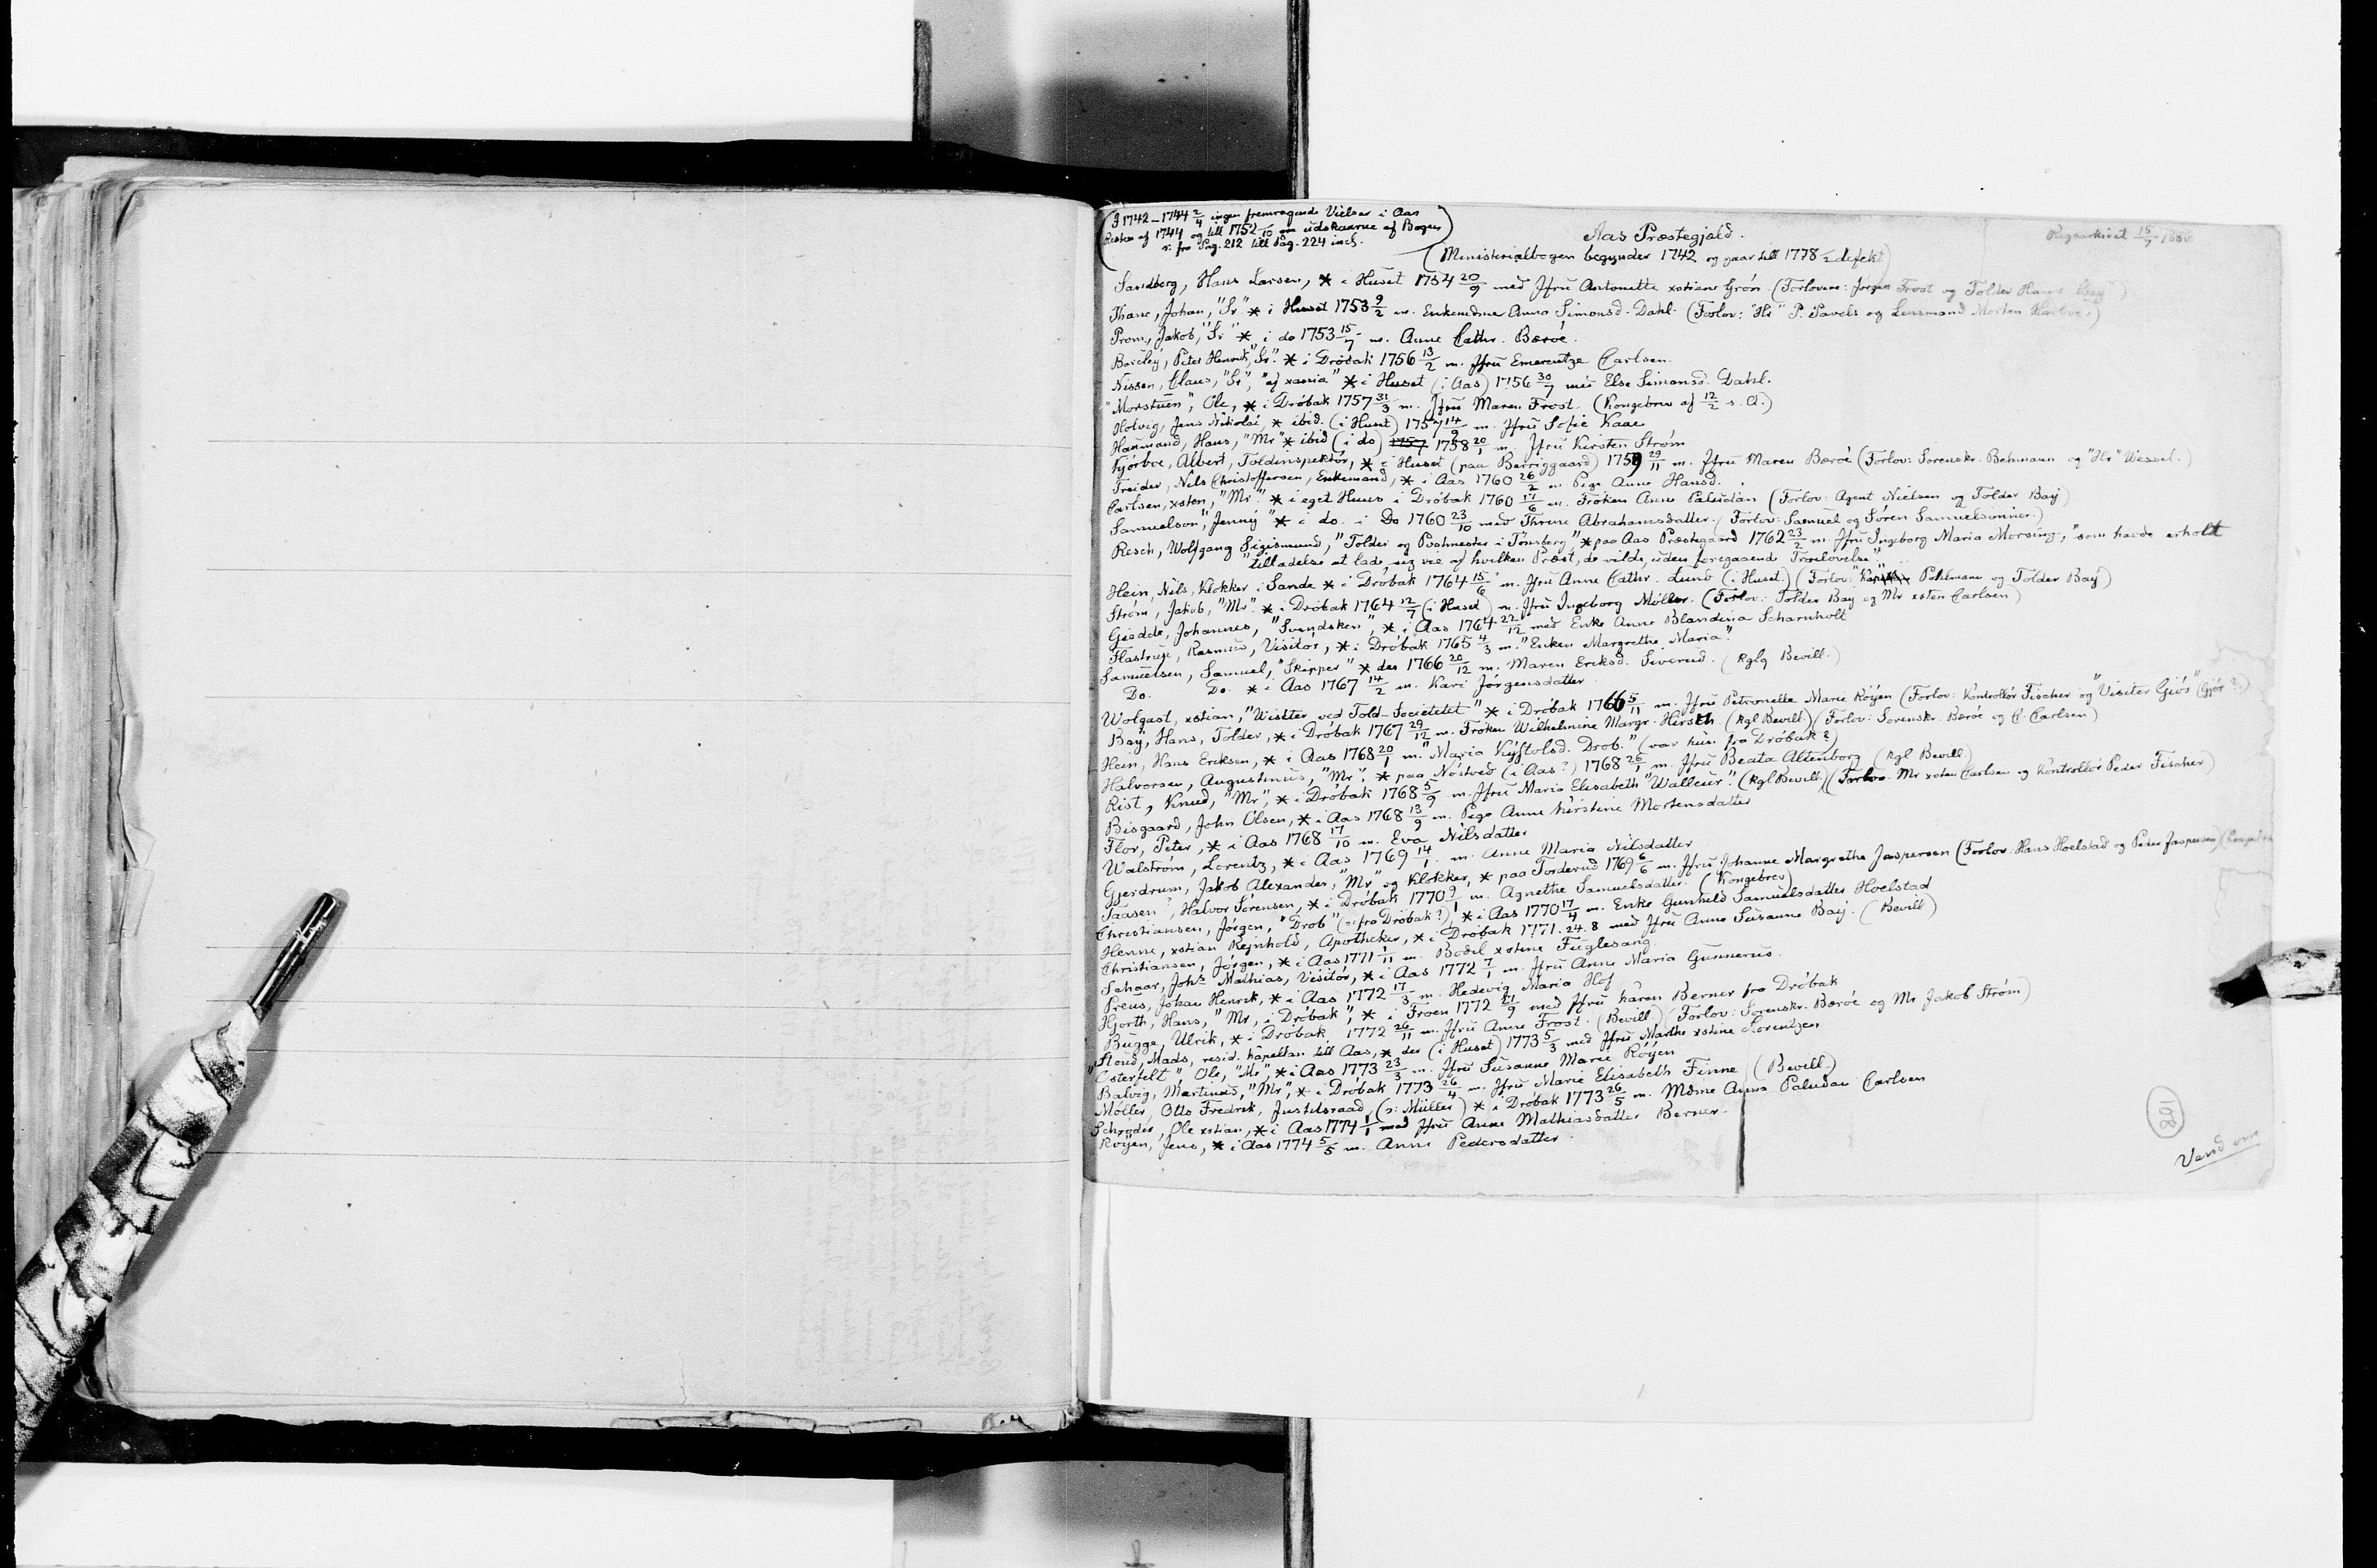 RA, Lassens samlinger, F/Fc, s. 108